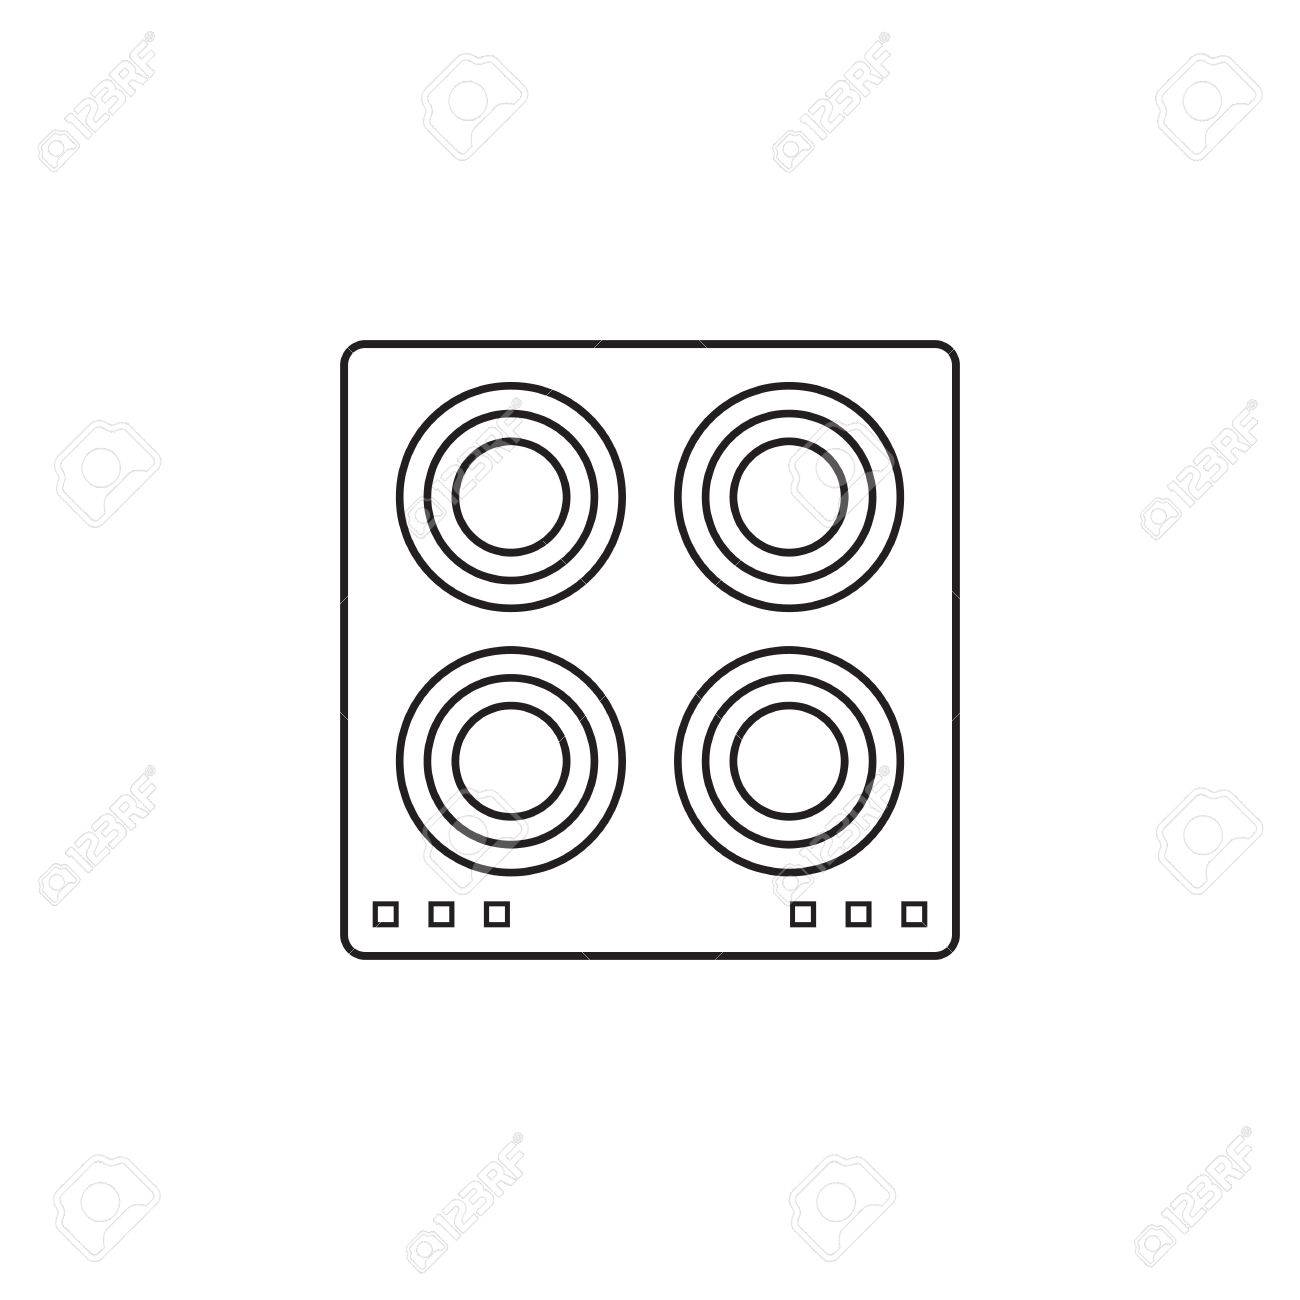 icone plaque chauffante electrique panneau de cuisson